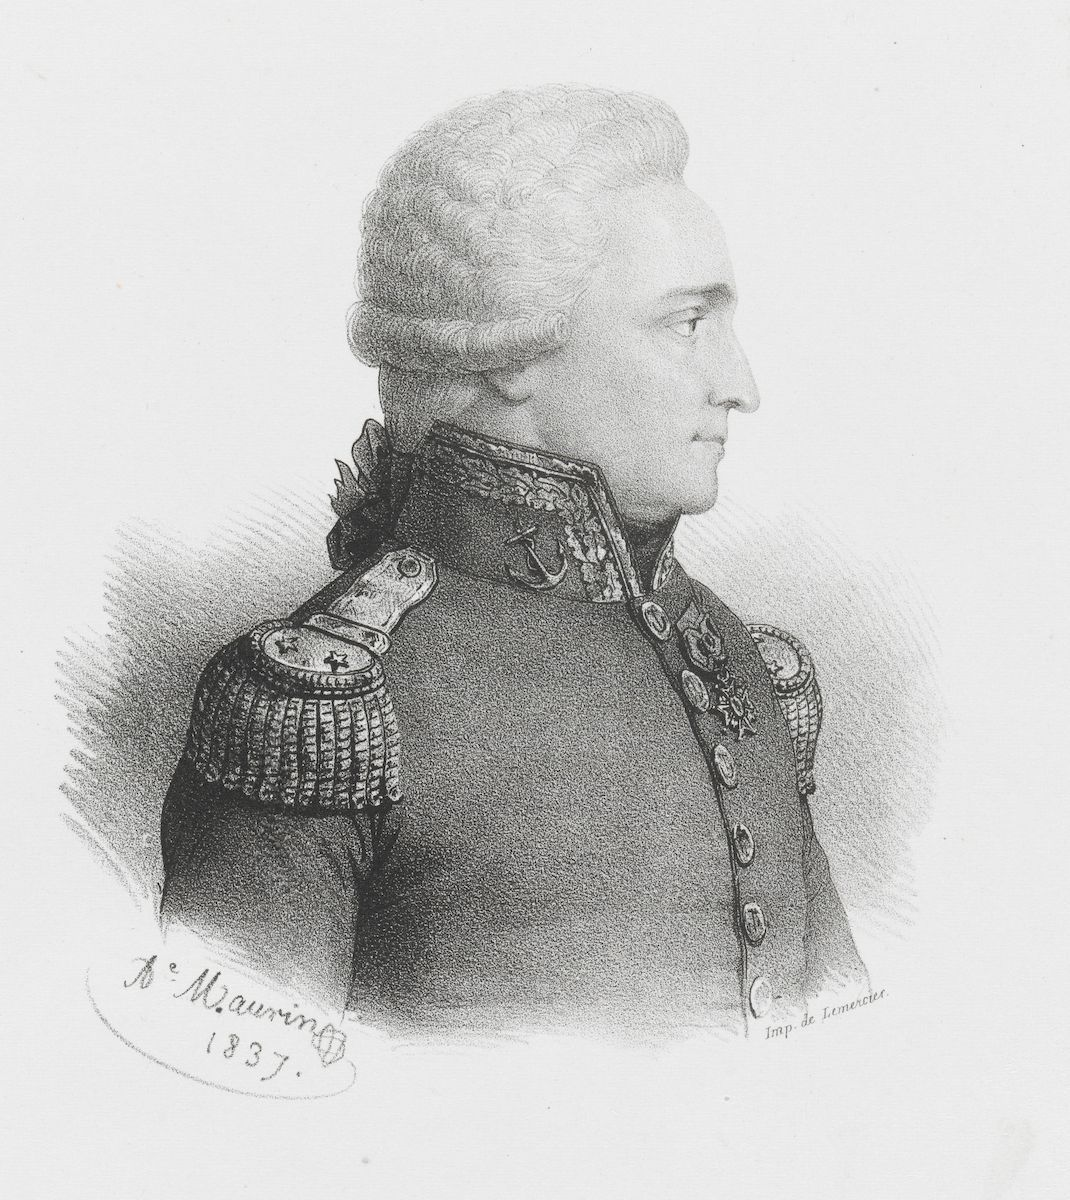 L'un des rares portraits de d'Entrecasteaux qui mourut du scorbut lors de son expédition dans le Pacifique Sud, à la recherche de Lapérouse.